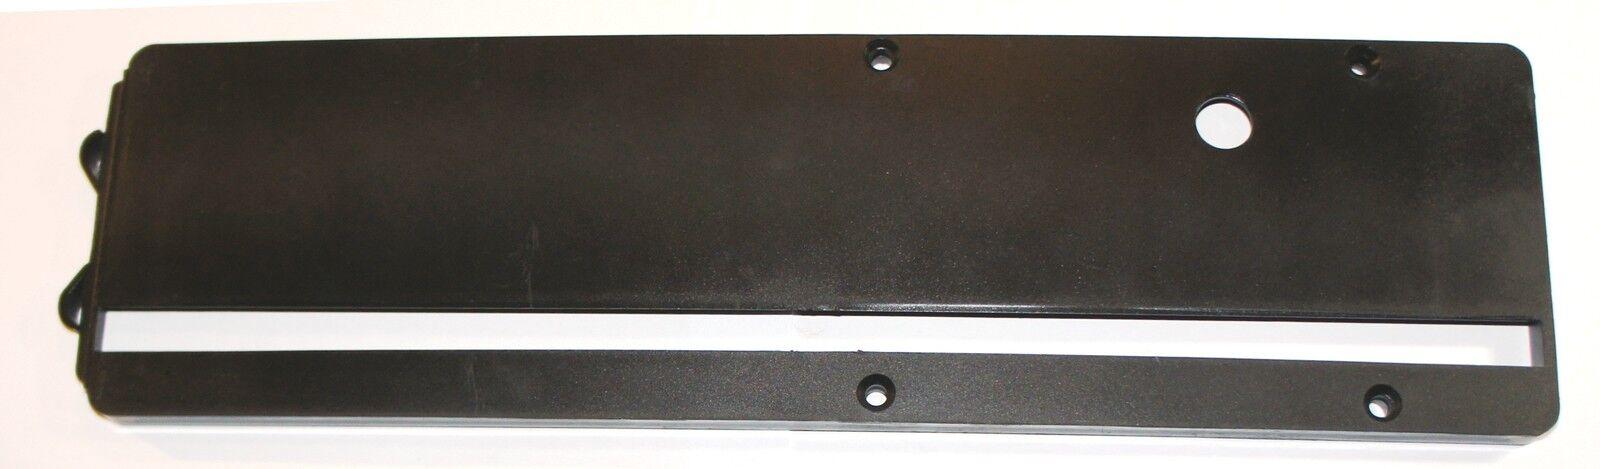 tischeinlage einlage passend f r metabo tkhs 315 c. Black Bedroom Furniture Sets. Home Design Ideas